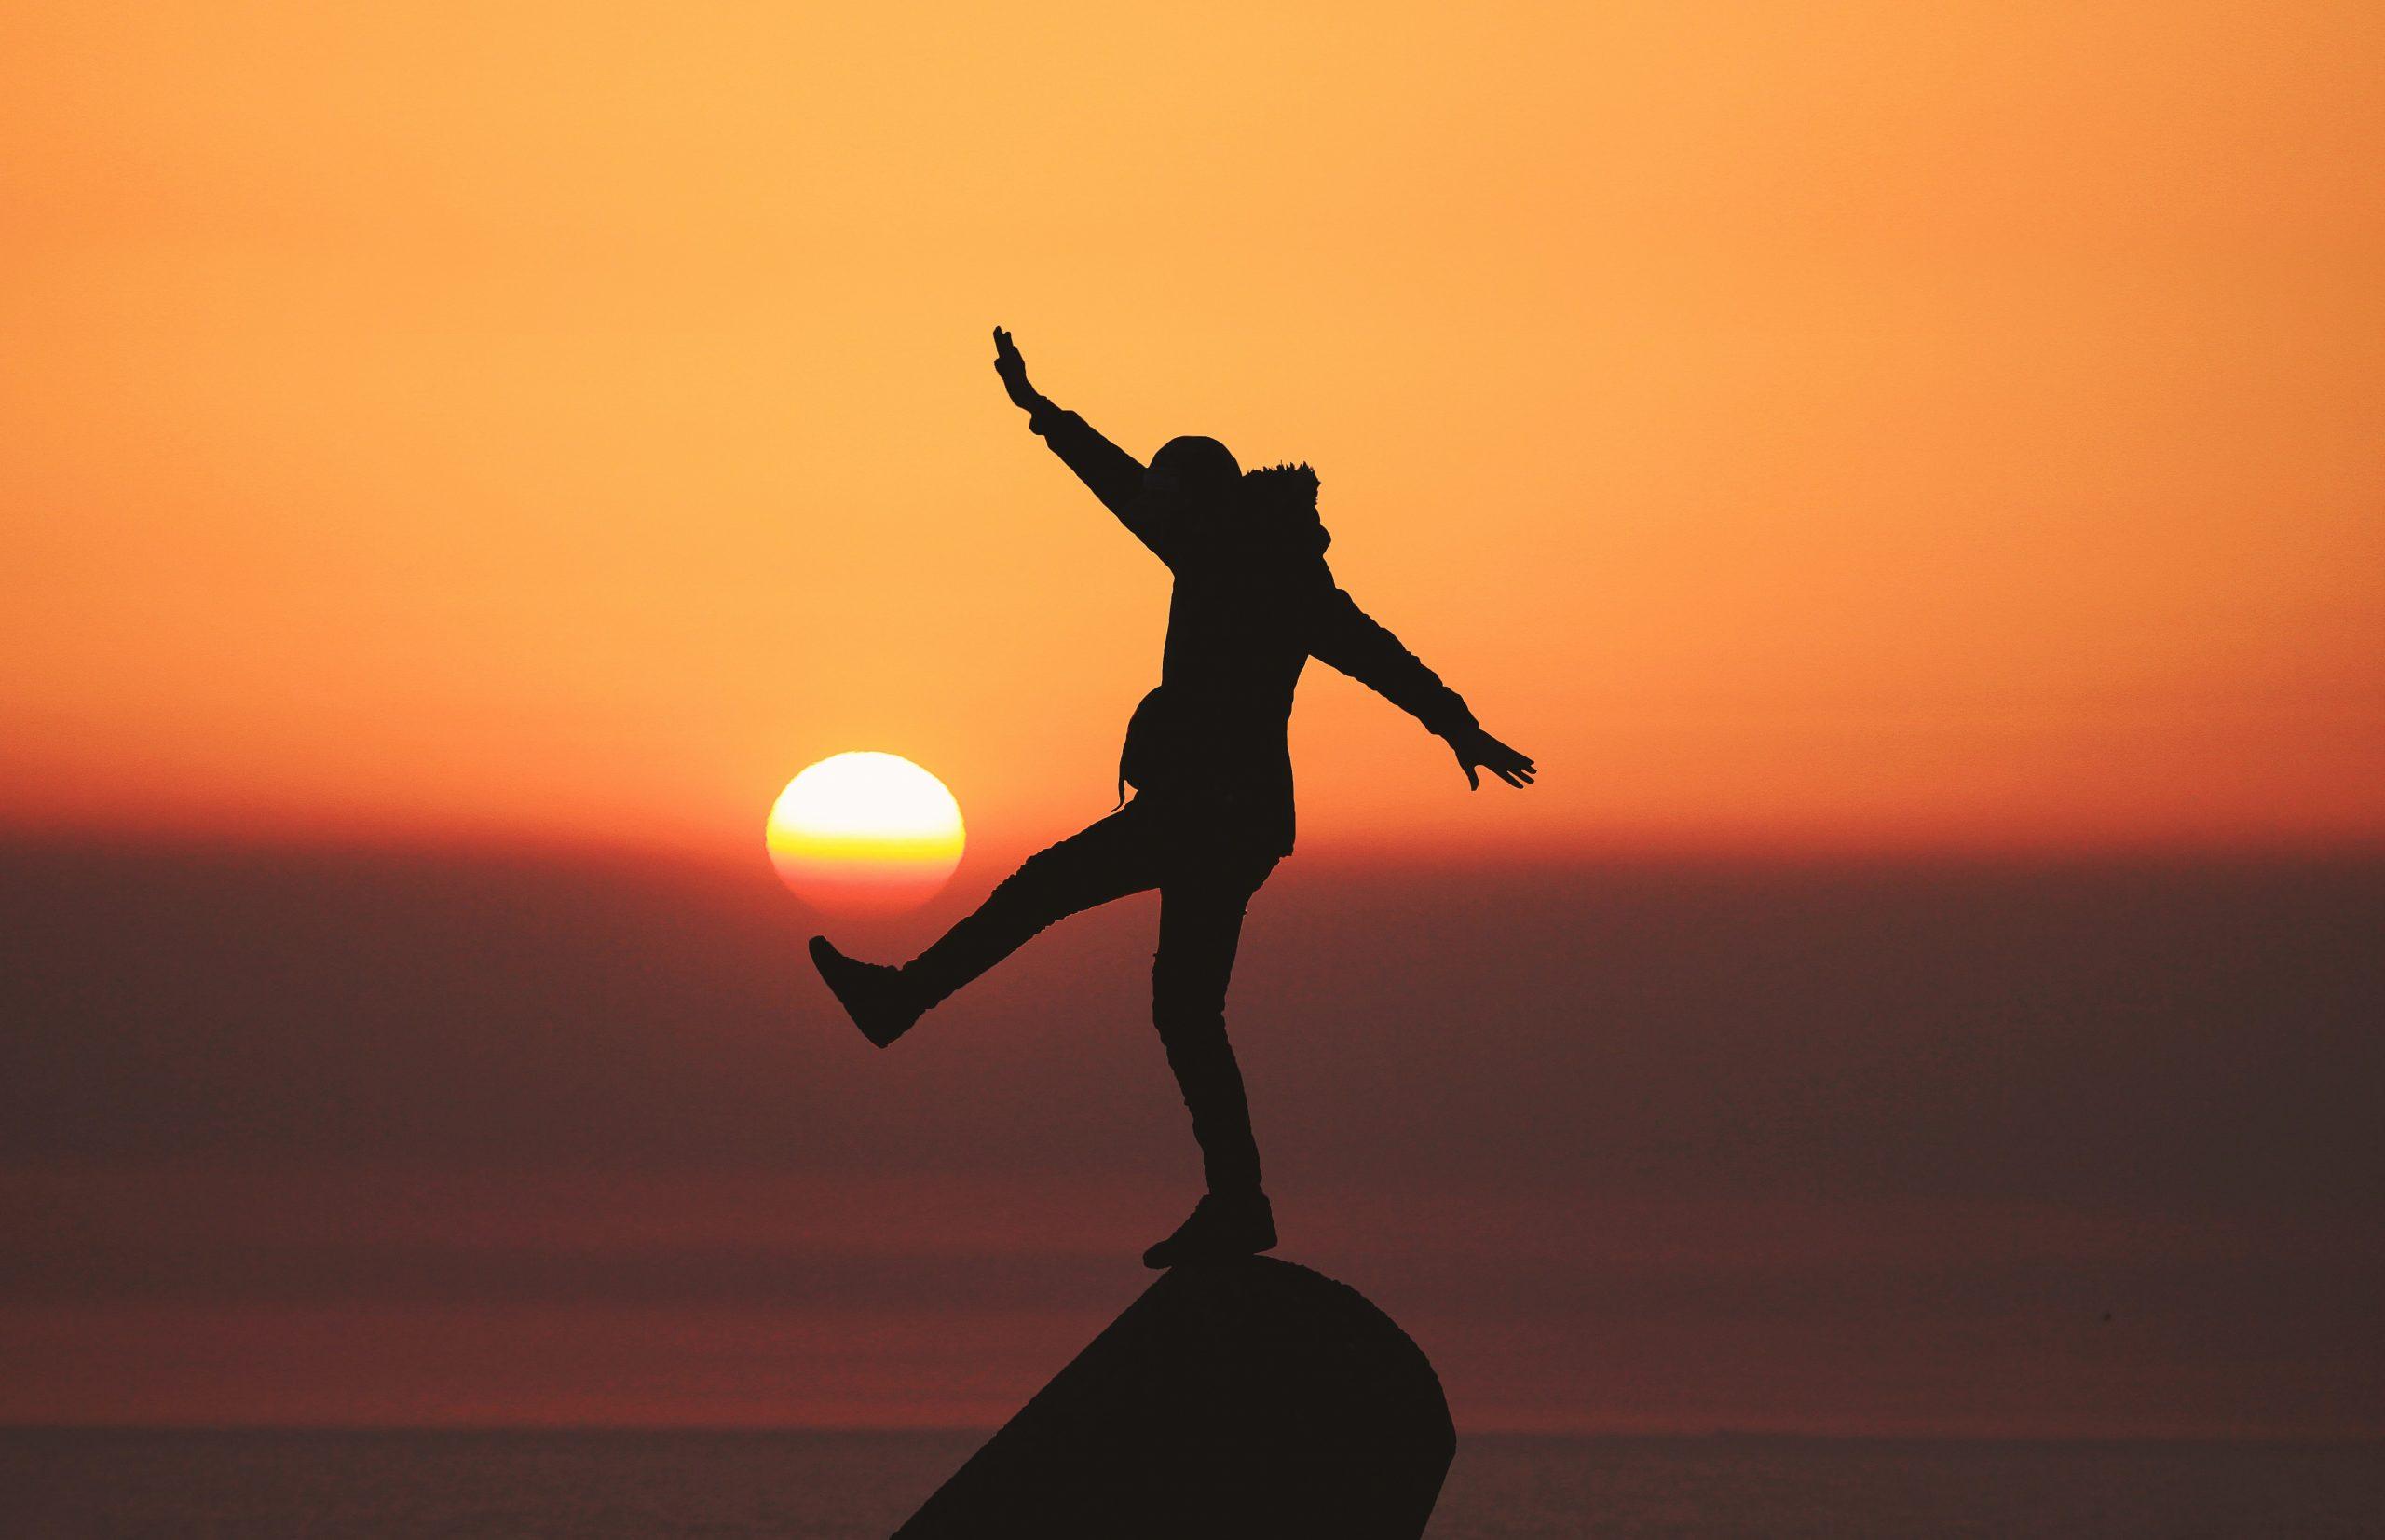 Persona haciendo equilibrio en el sunset